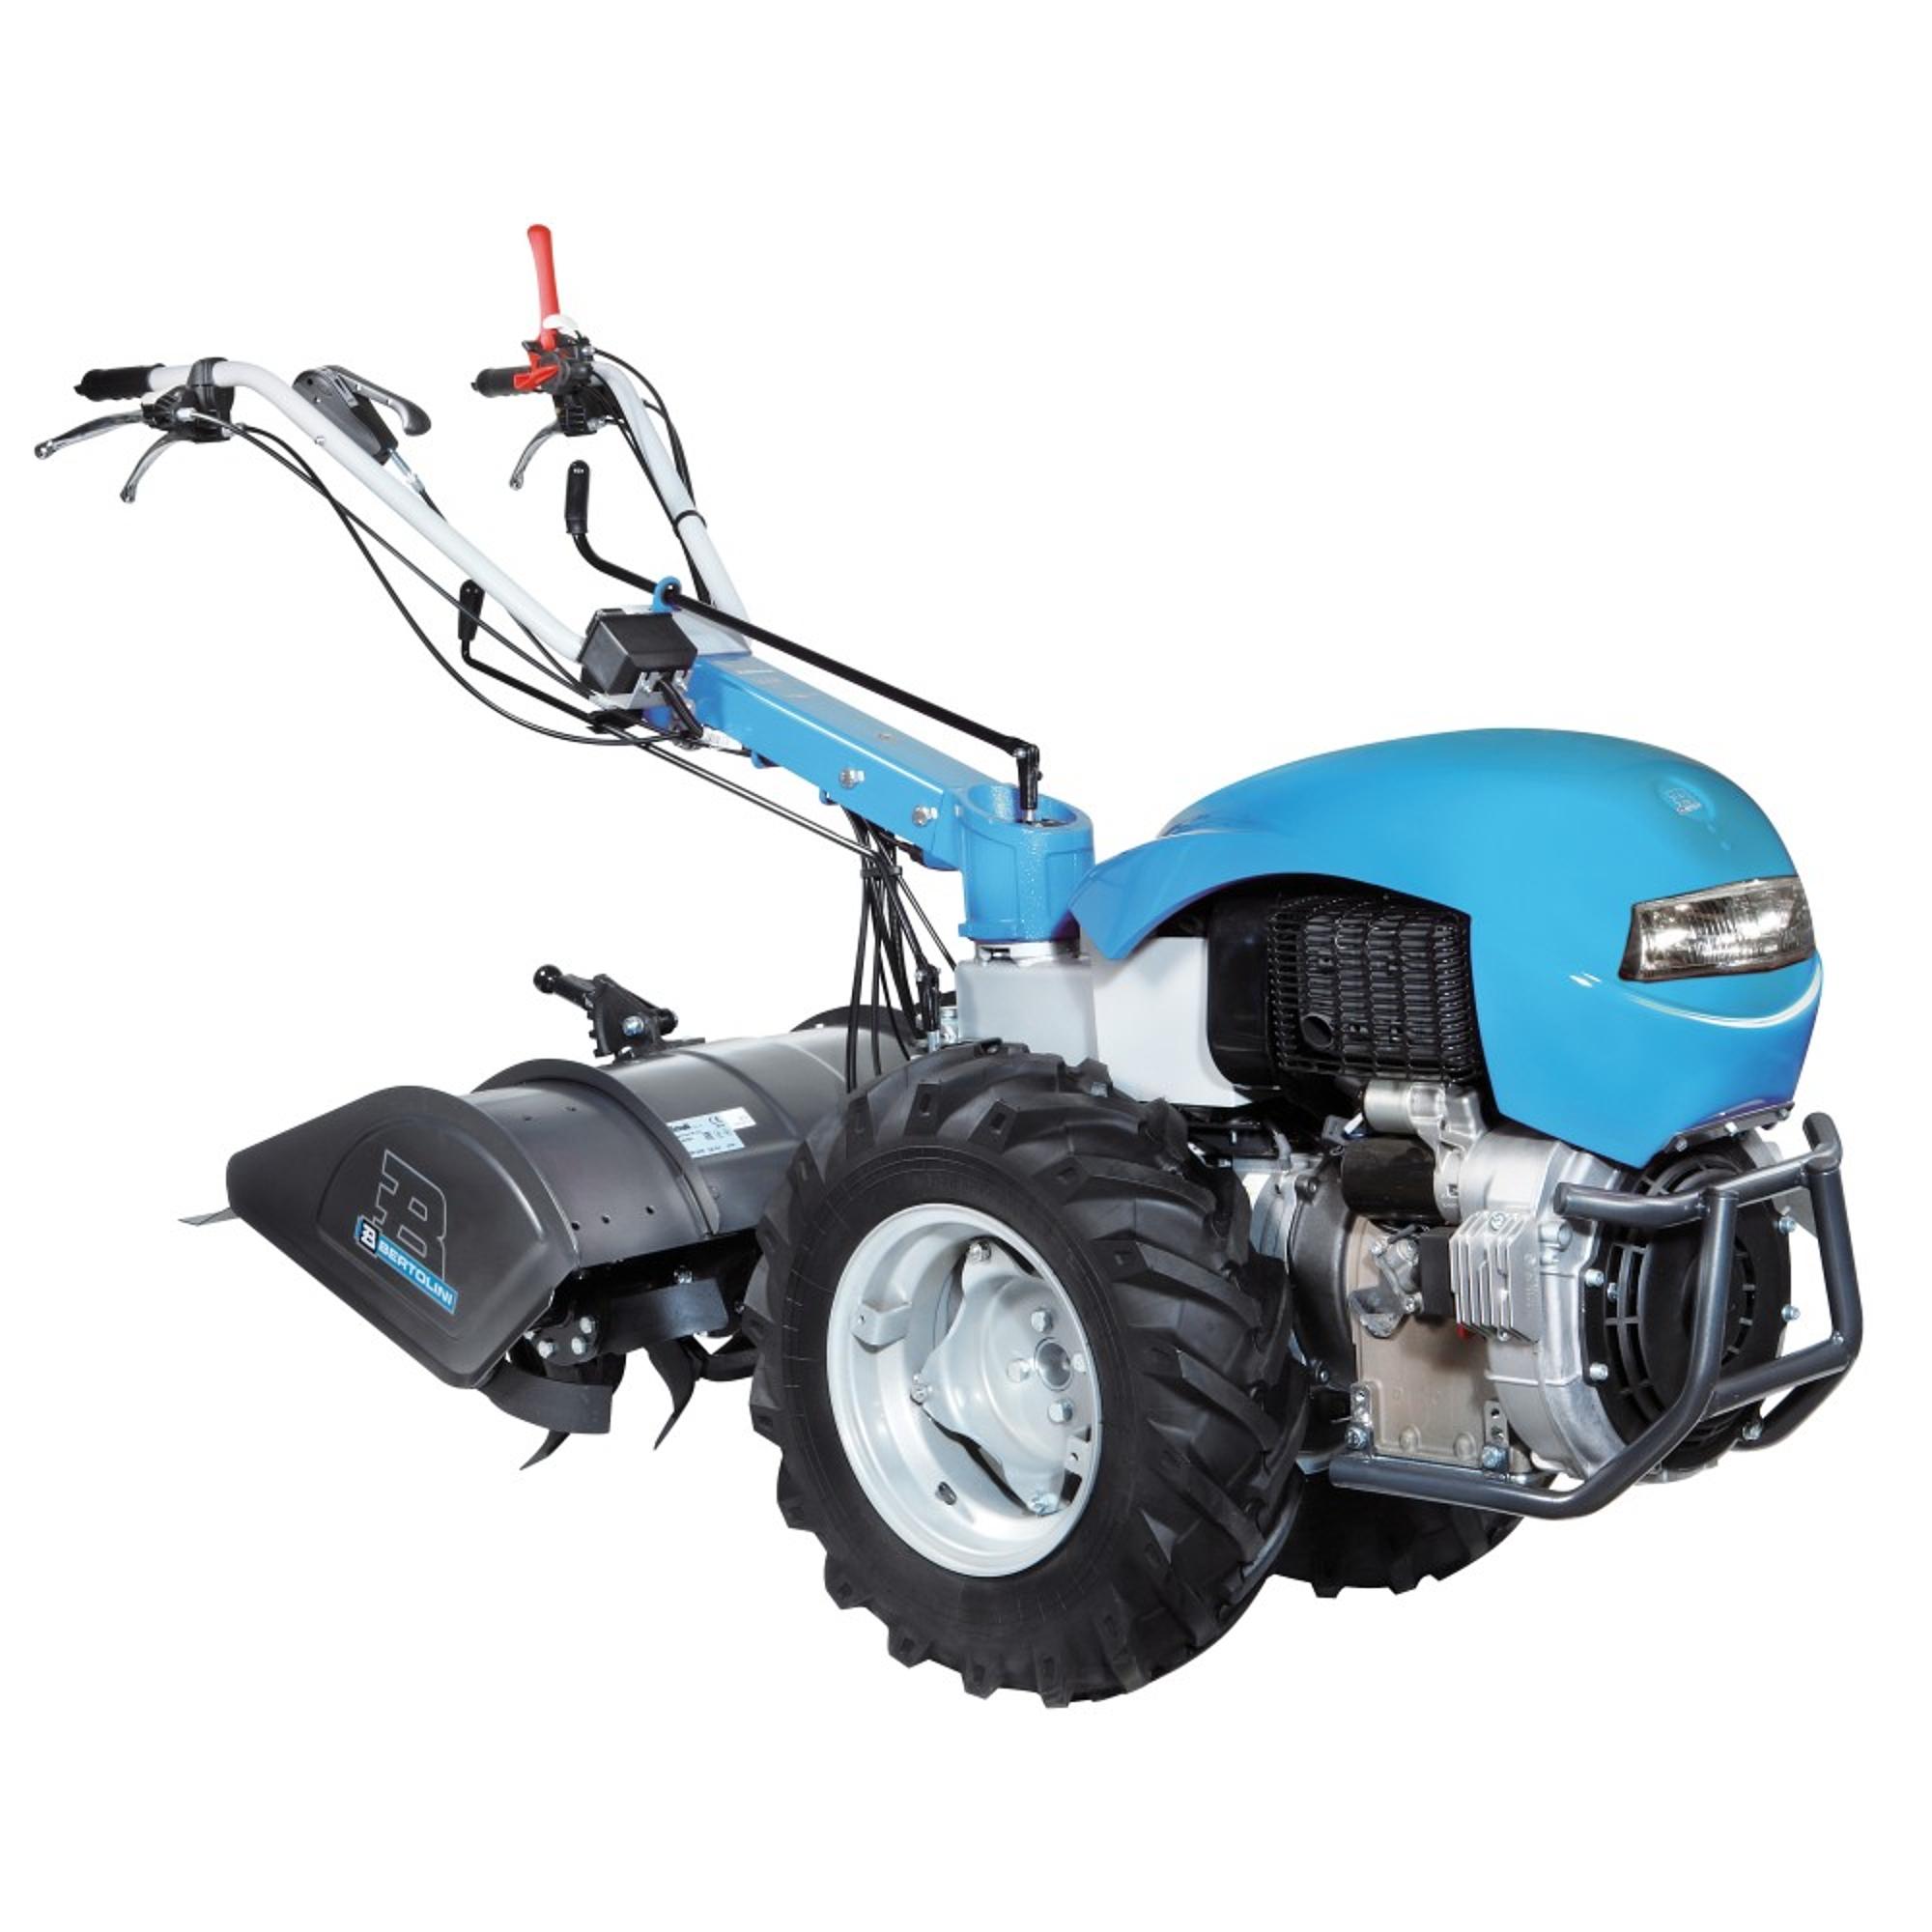 Bertolini Motoros kultivátor BT 418 S Lombardini 15LD510 motorral 68339153EN